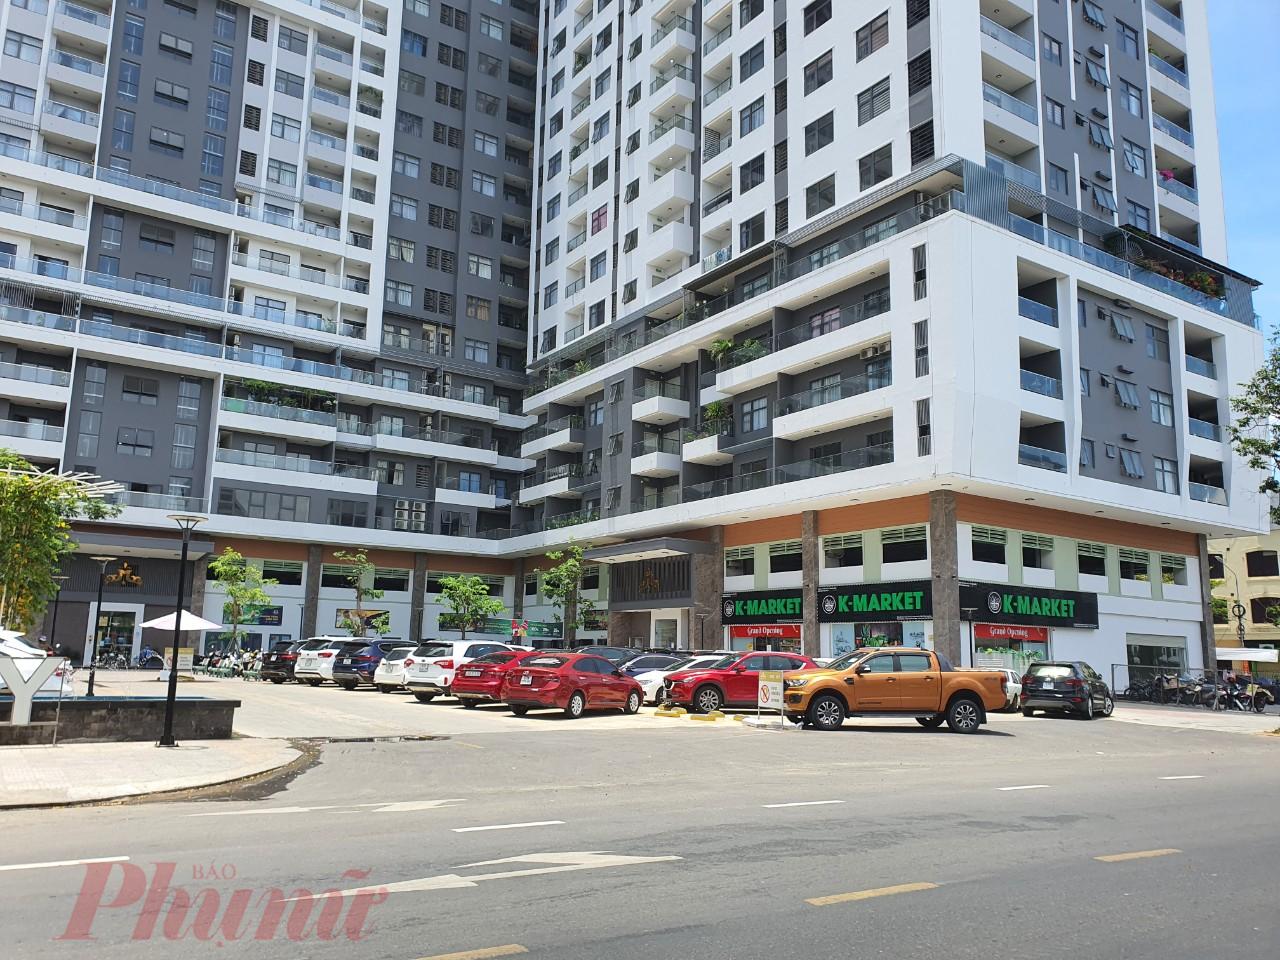 Dù chưa có quyết định chủ trương đầu tư của UBND TP.Đà Nẵng nhưng khu phức hợp Monarchy 34 tầng vẫn hoàn thiện việc xây dựng